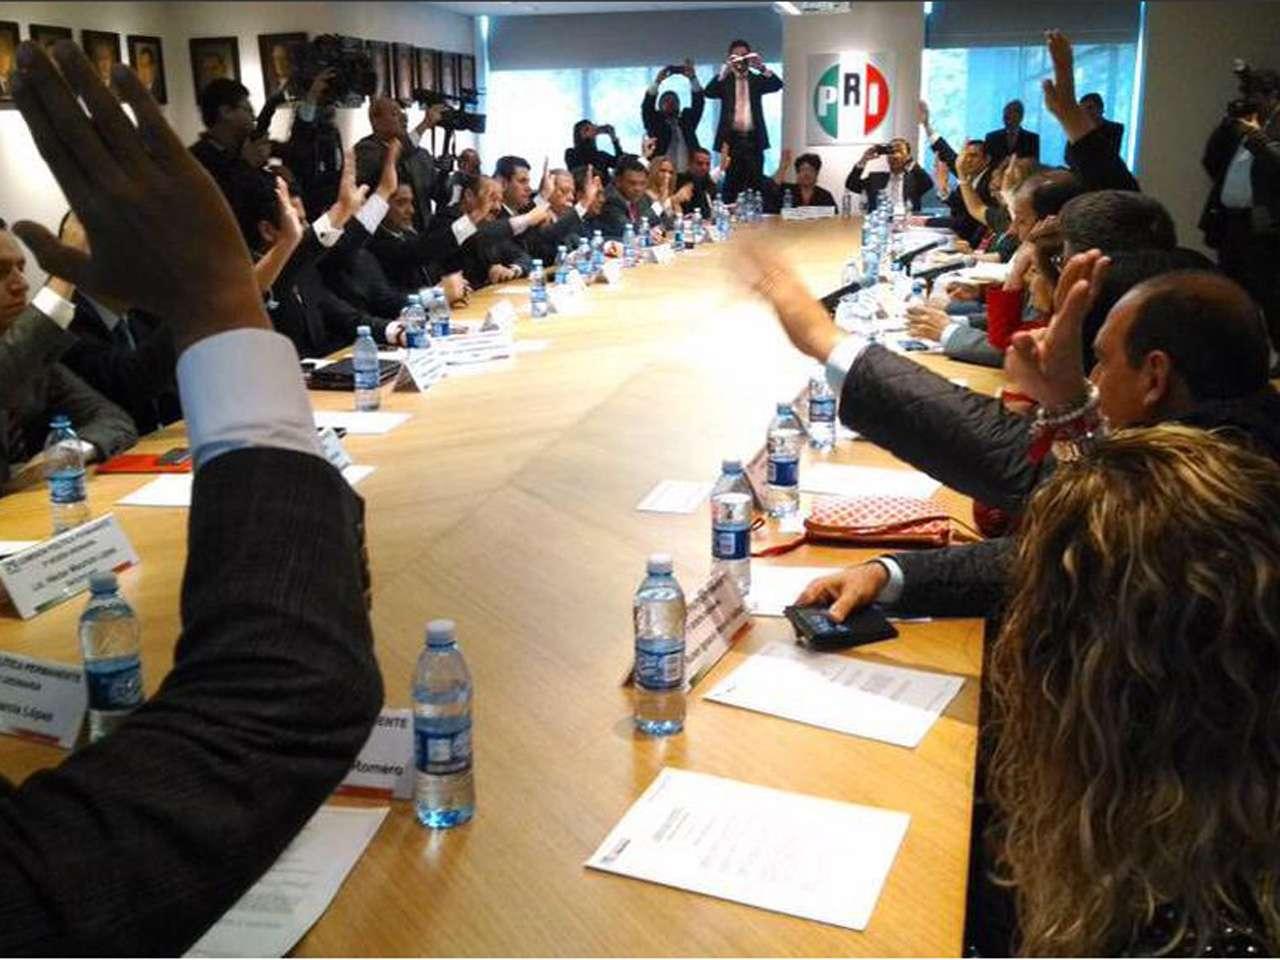 La Comisión Revisora entregará la lista a la Comisión Política Permanente para que la valide Foto: Twitter